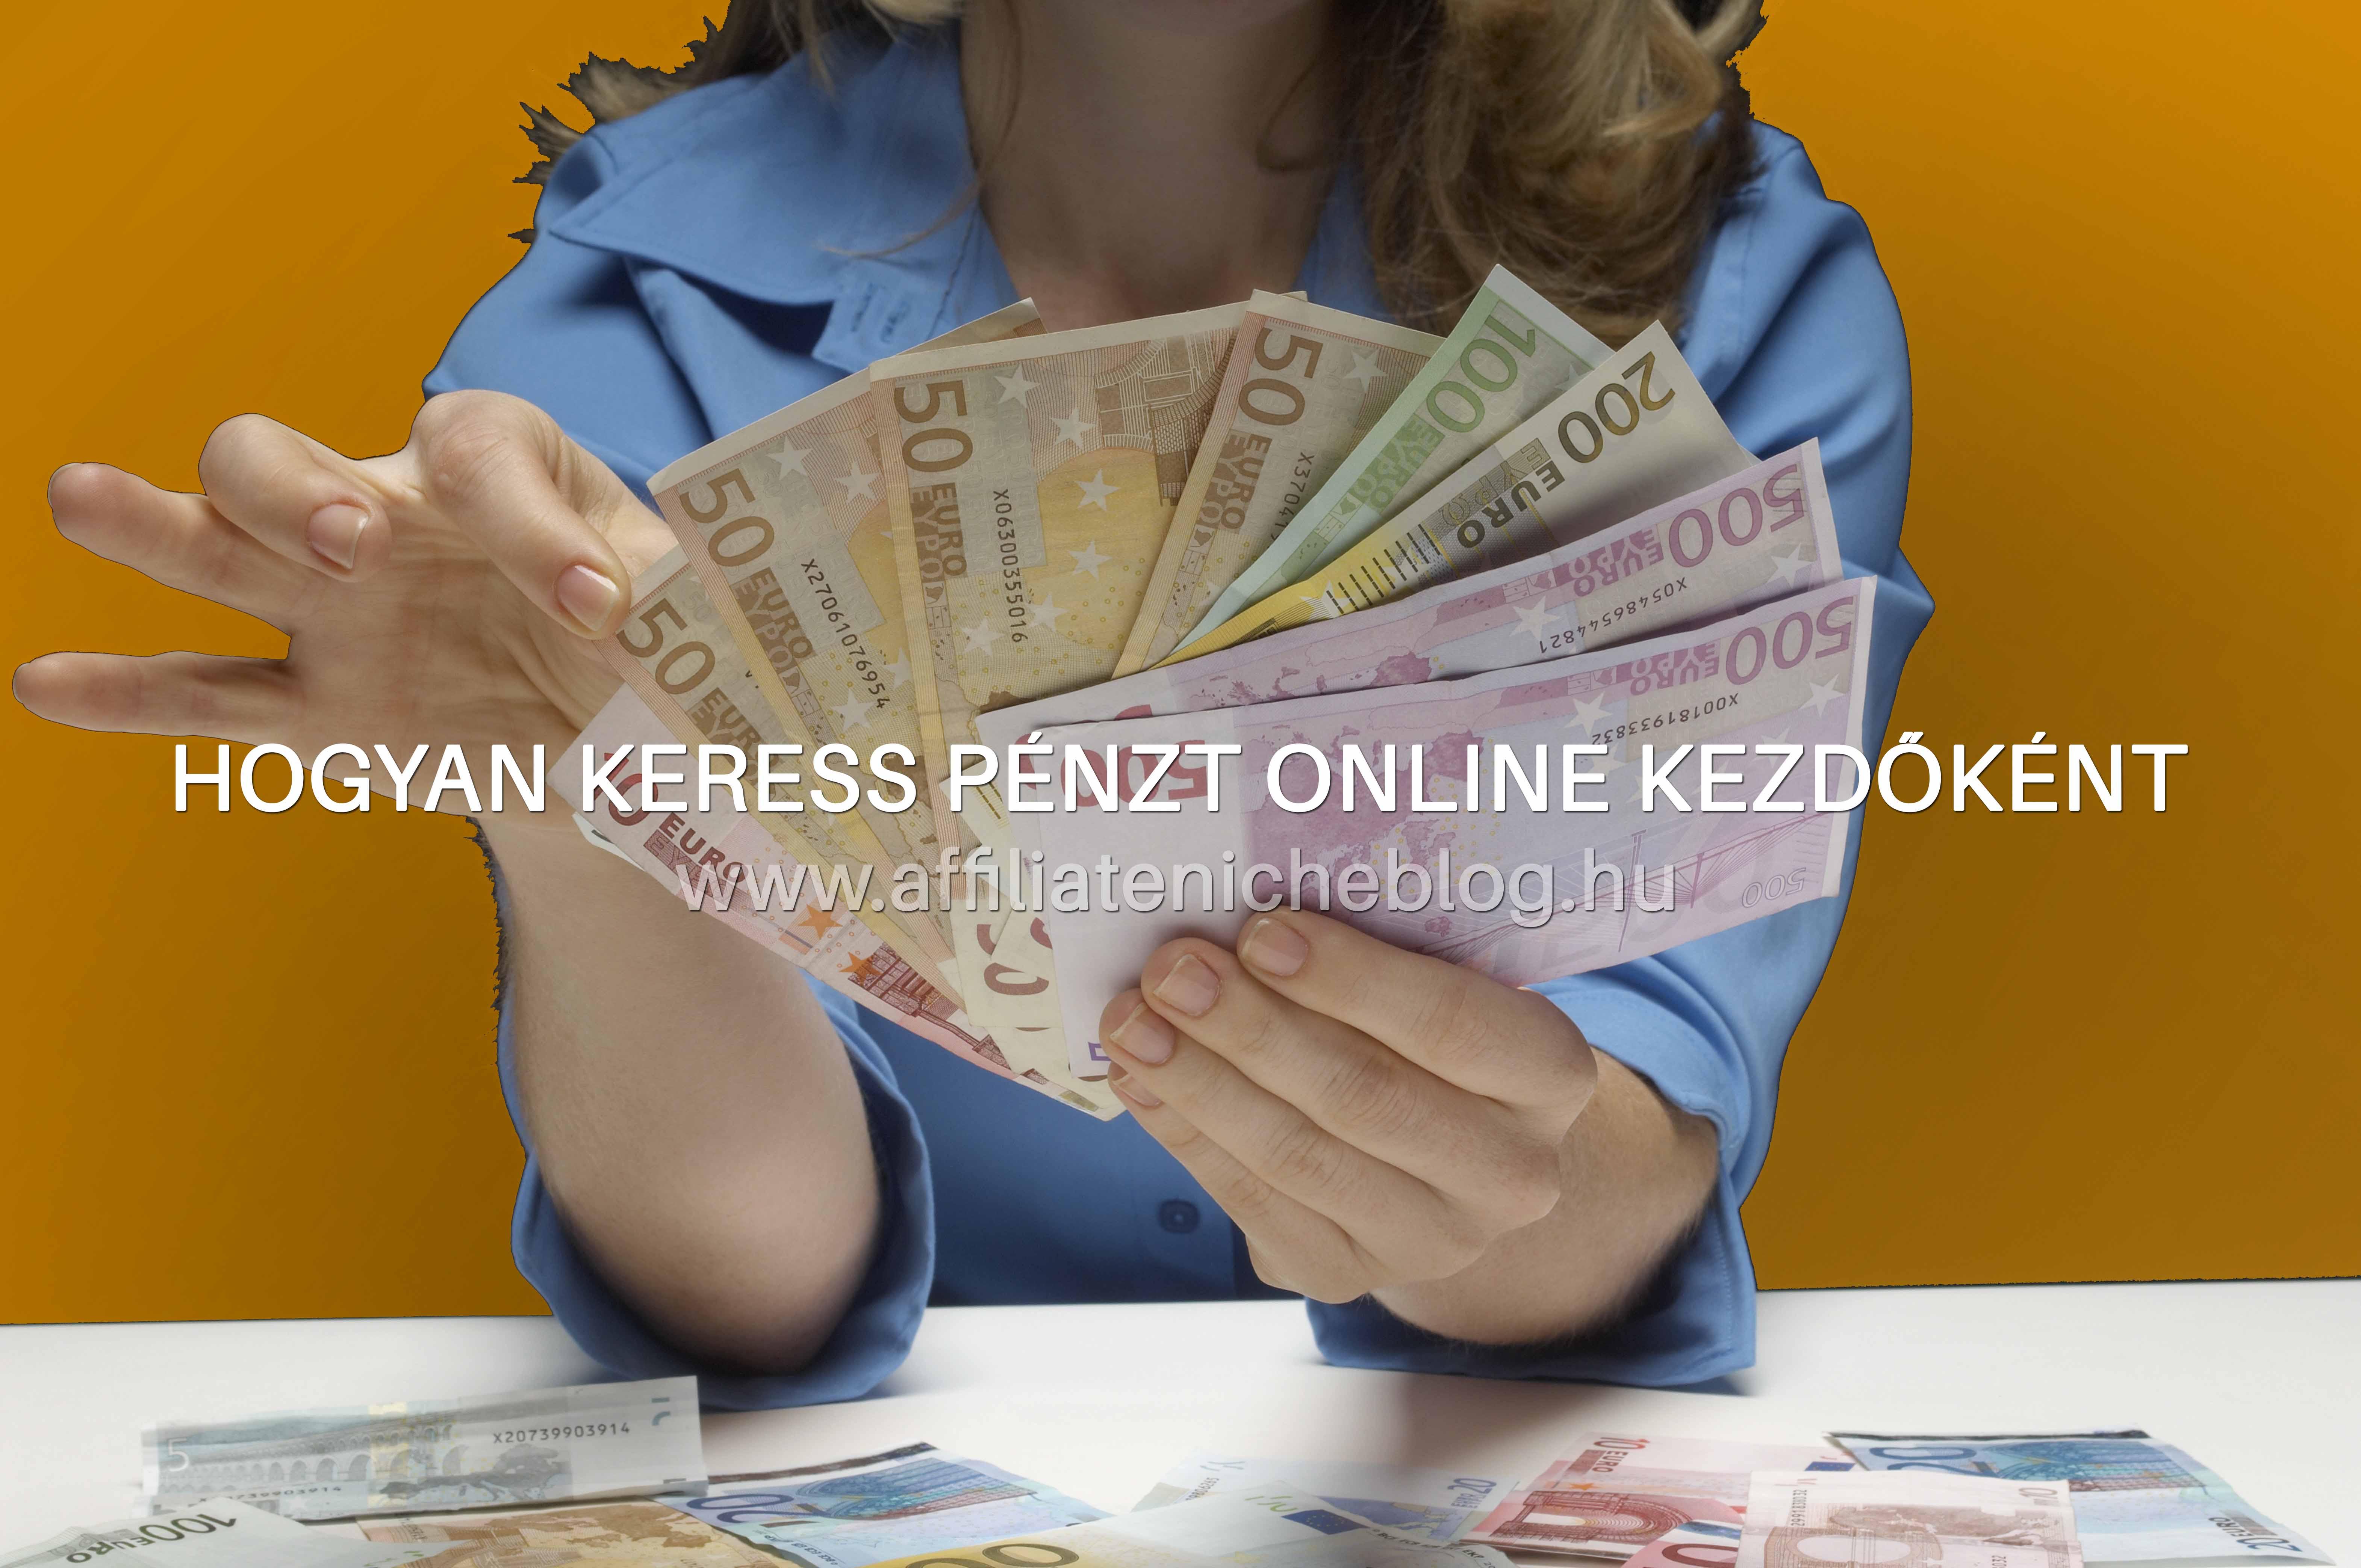 jó pénzt keresni online opciók nyitnak számlát